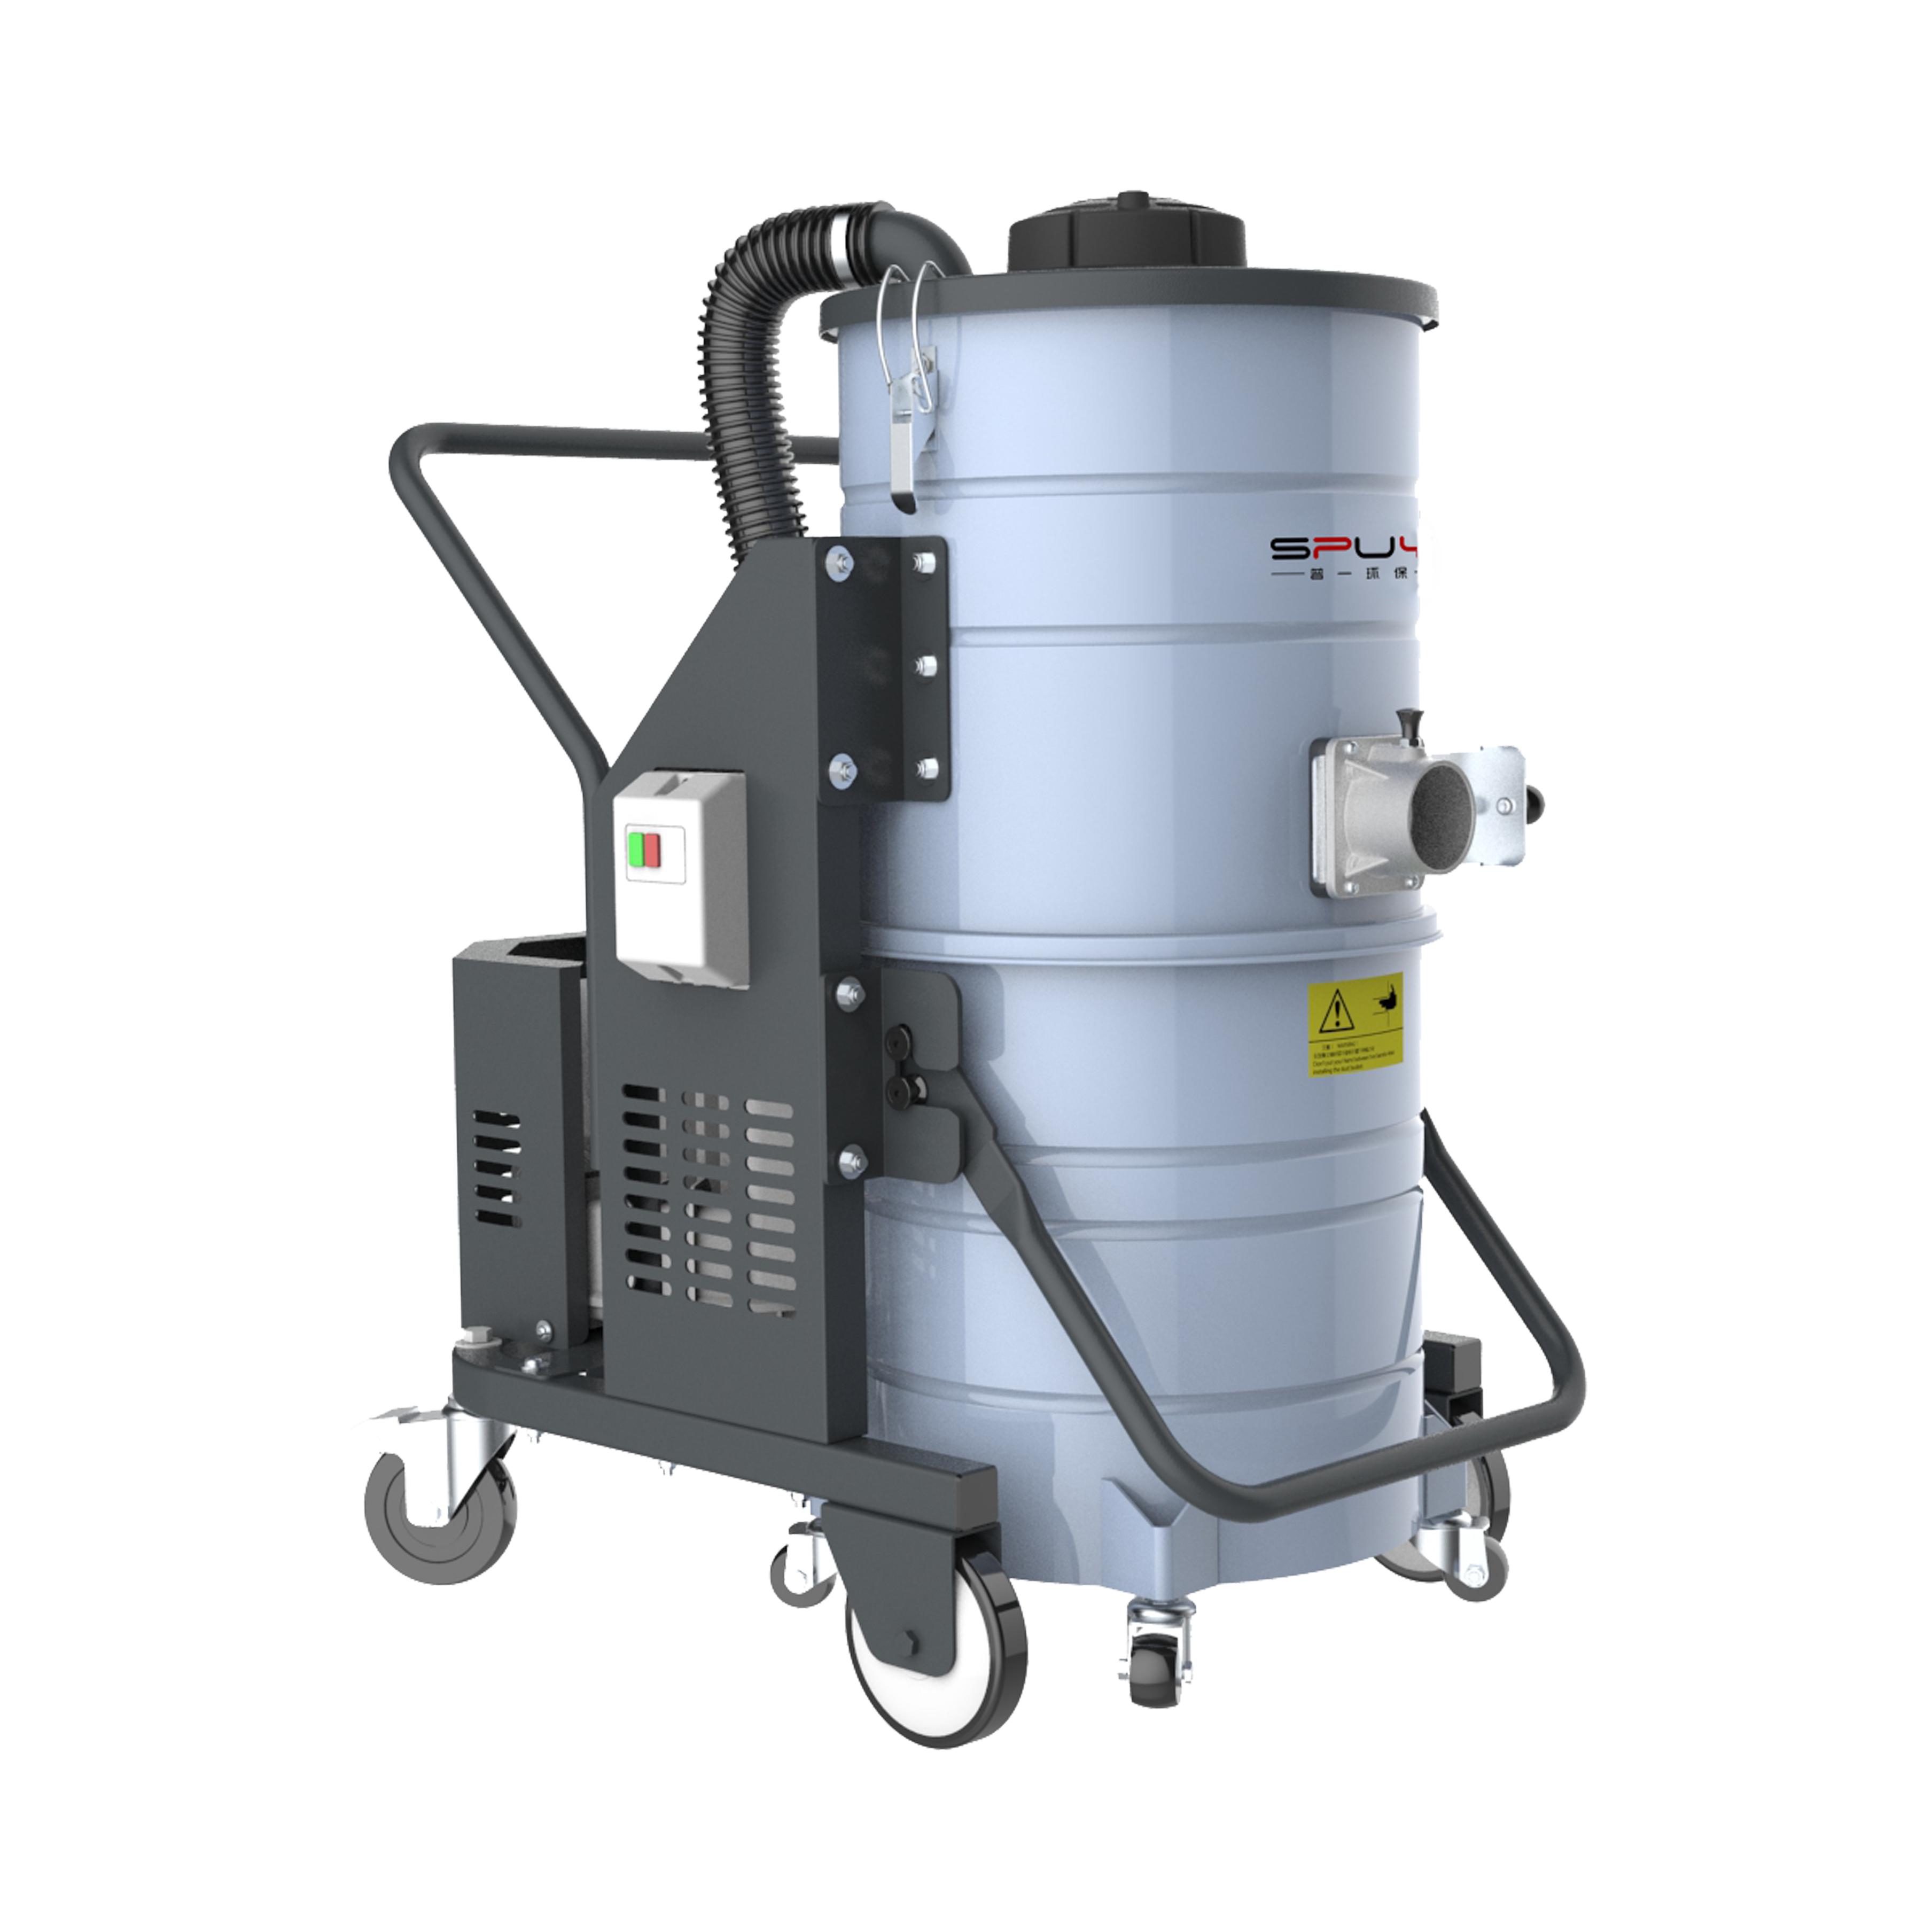 PYK6 Series―Industrial Vacuum Cleaner